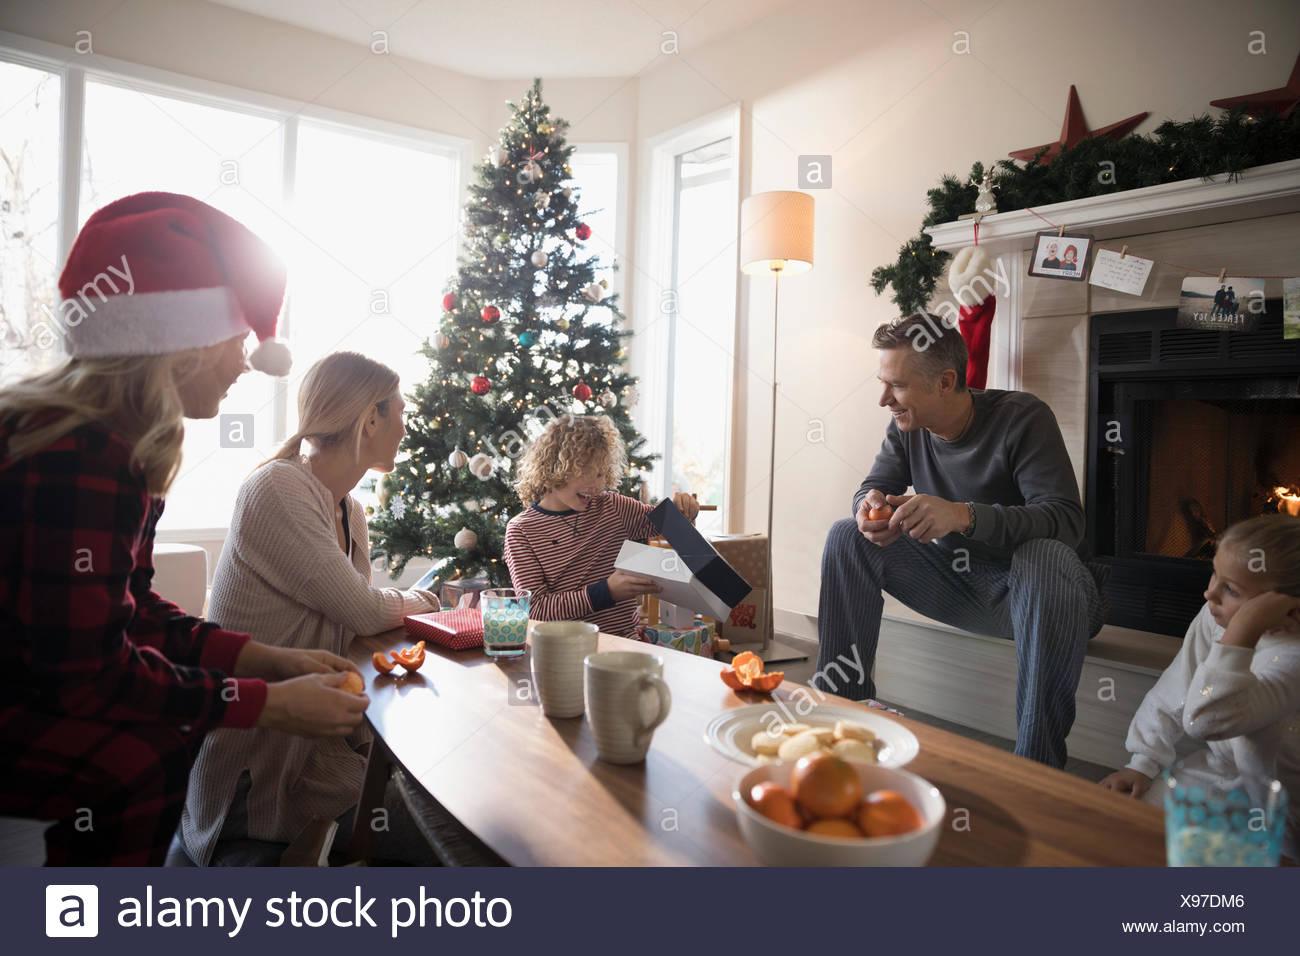 Familie Weihnachtsgeschenke im Wohnzimmer öffnen Stockfoto, Bild ...